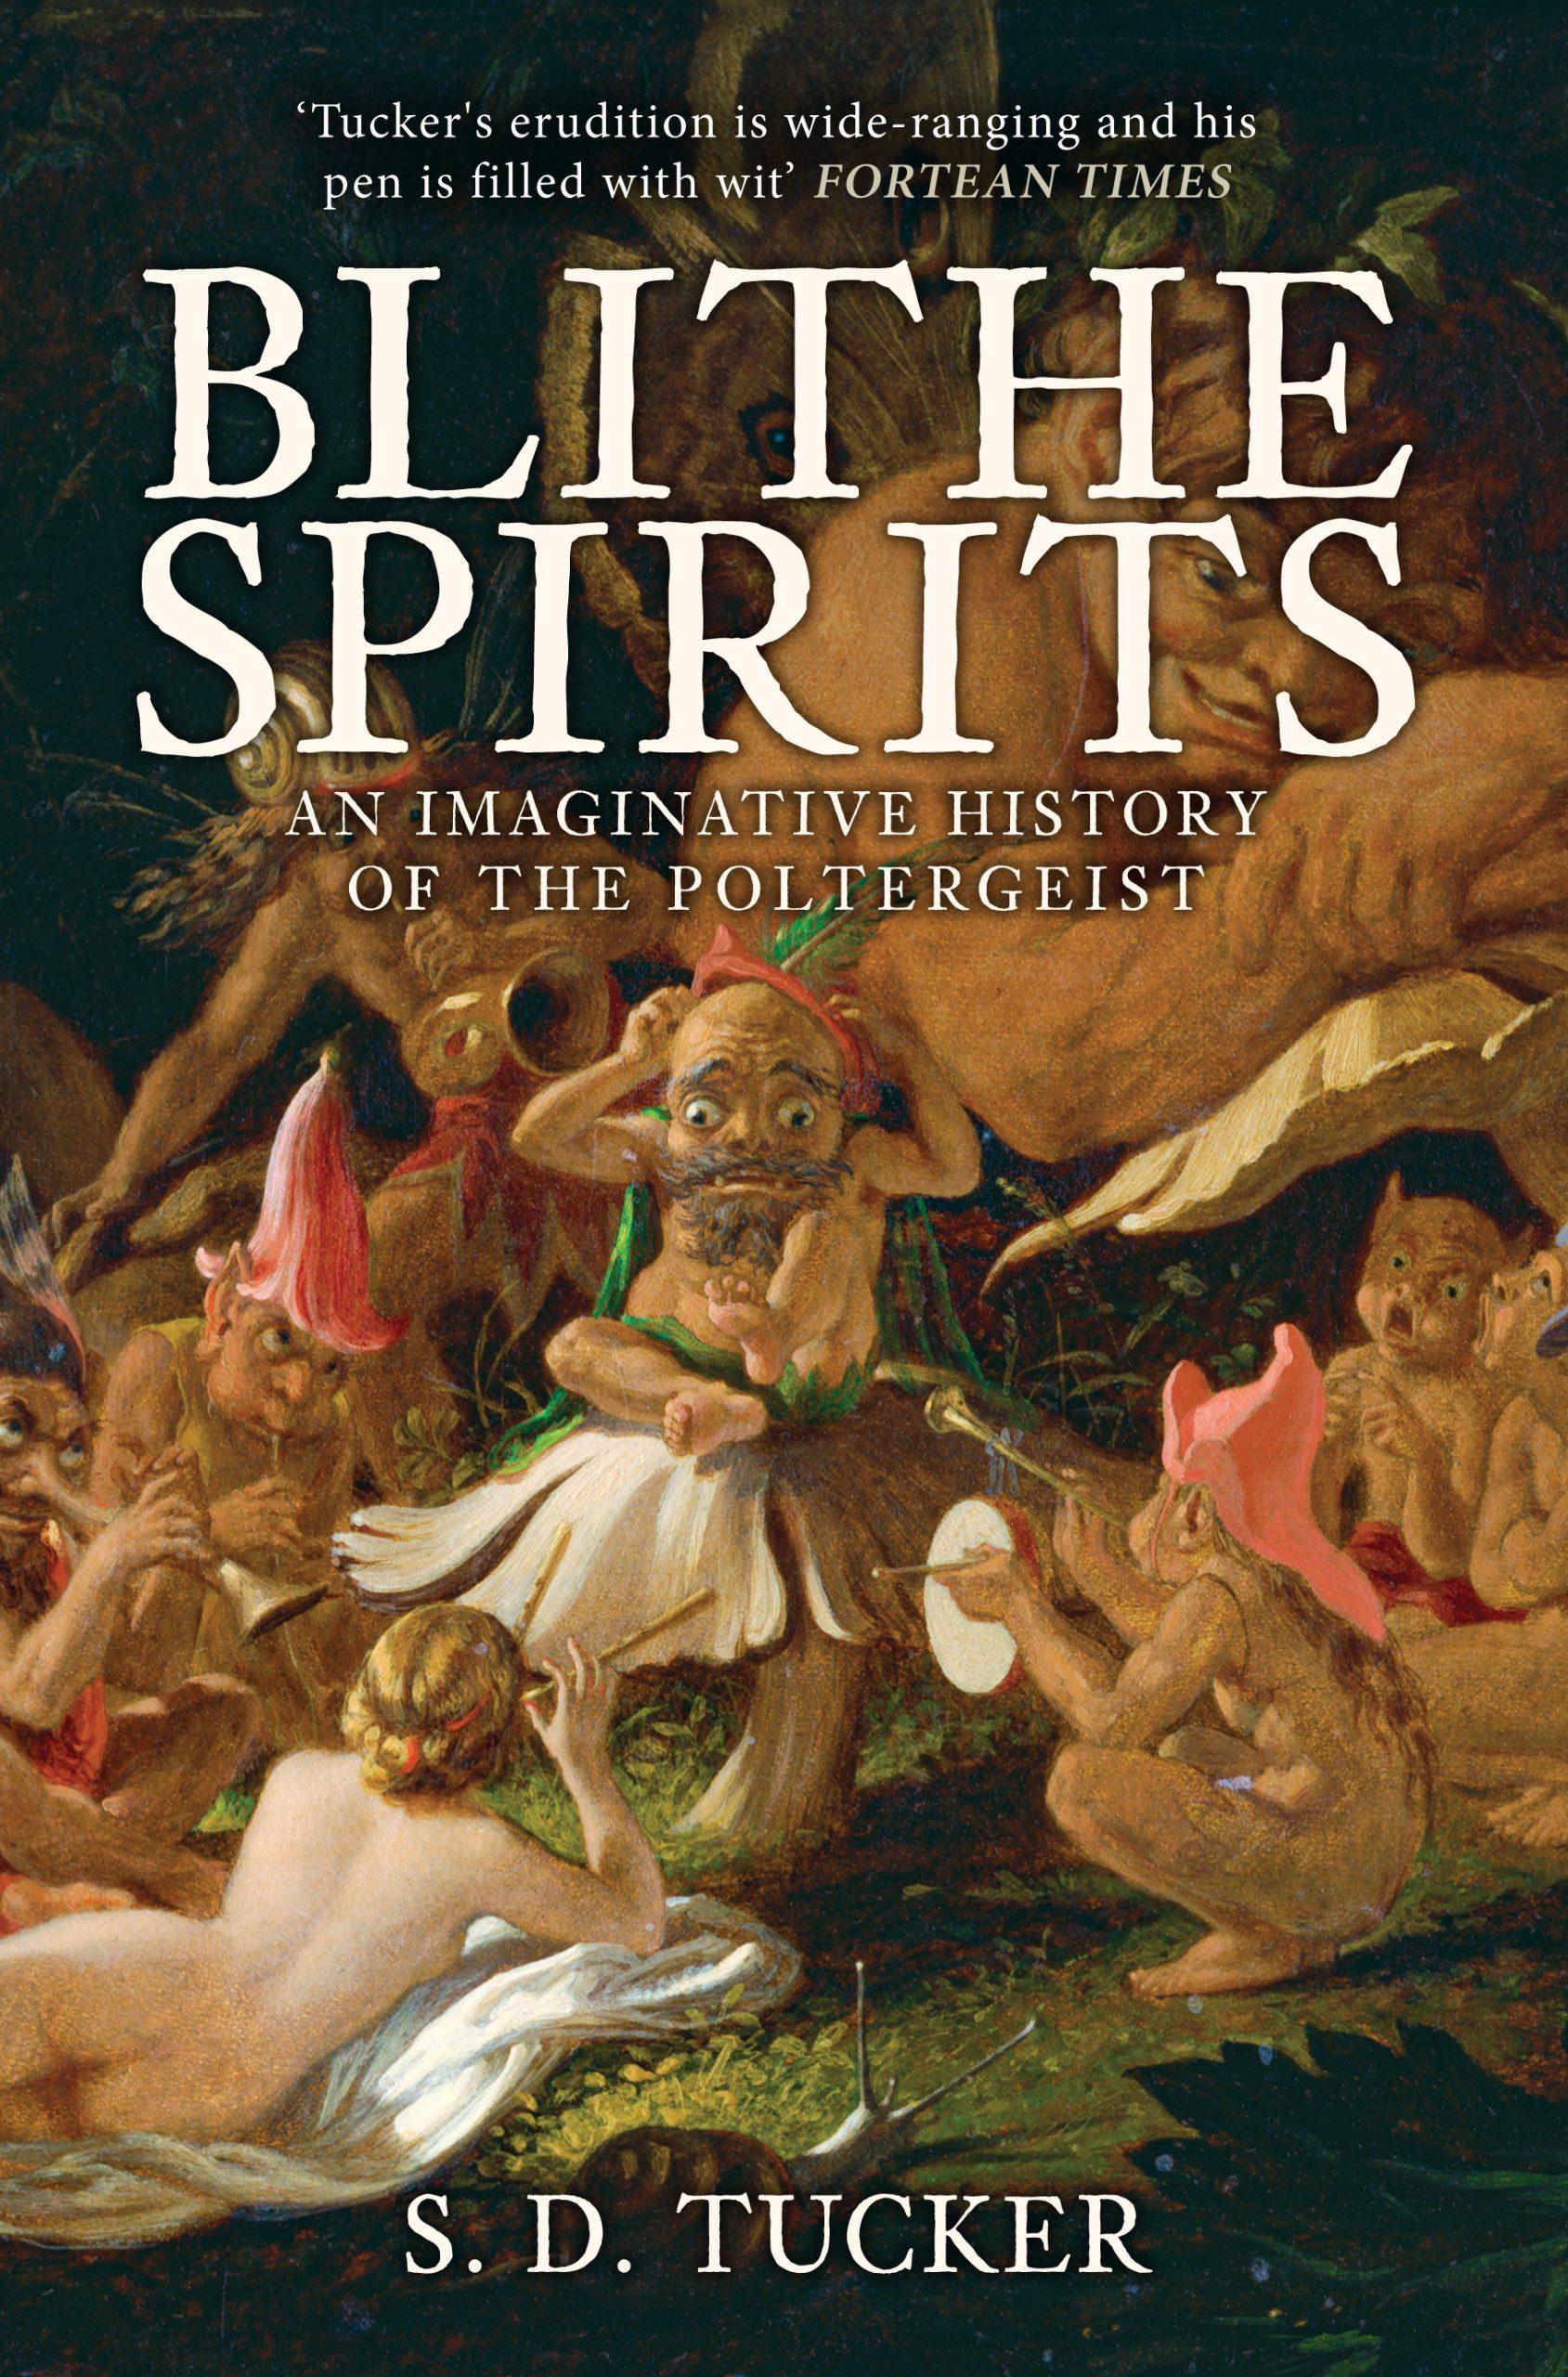 Blithe Spirits